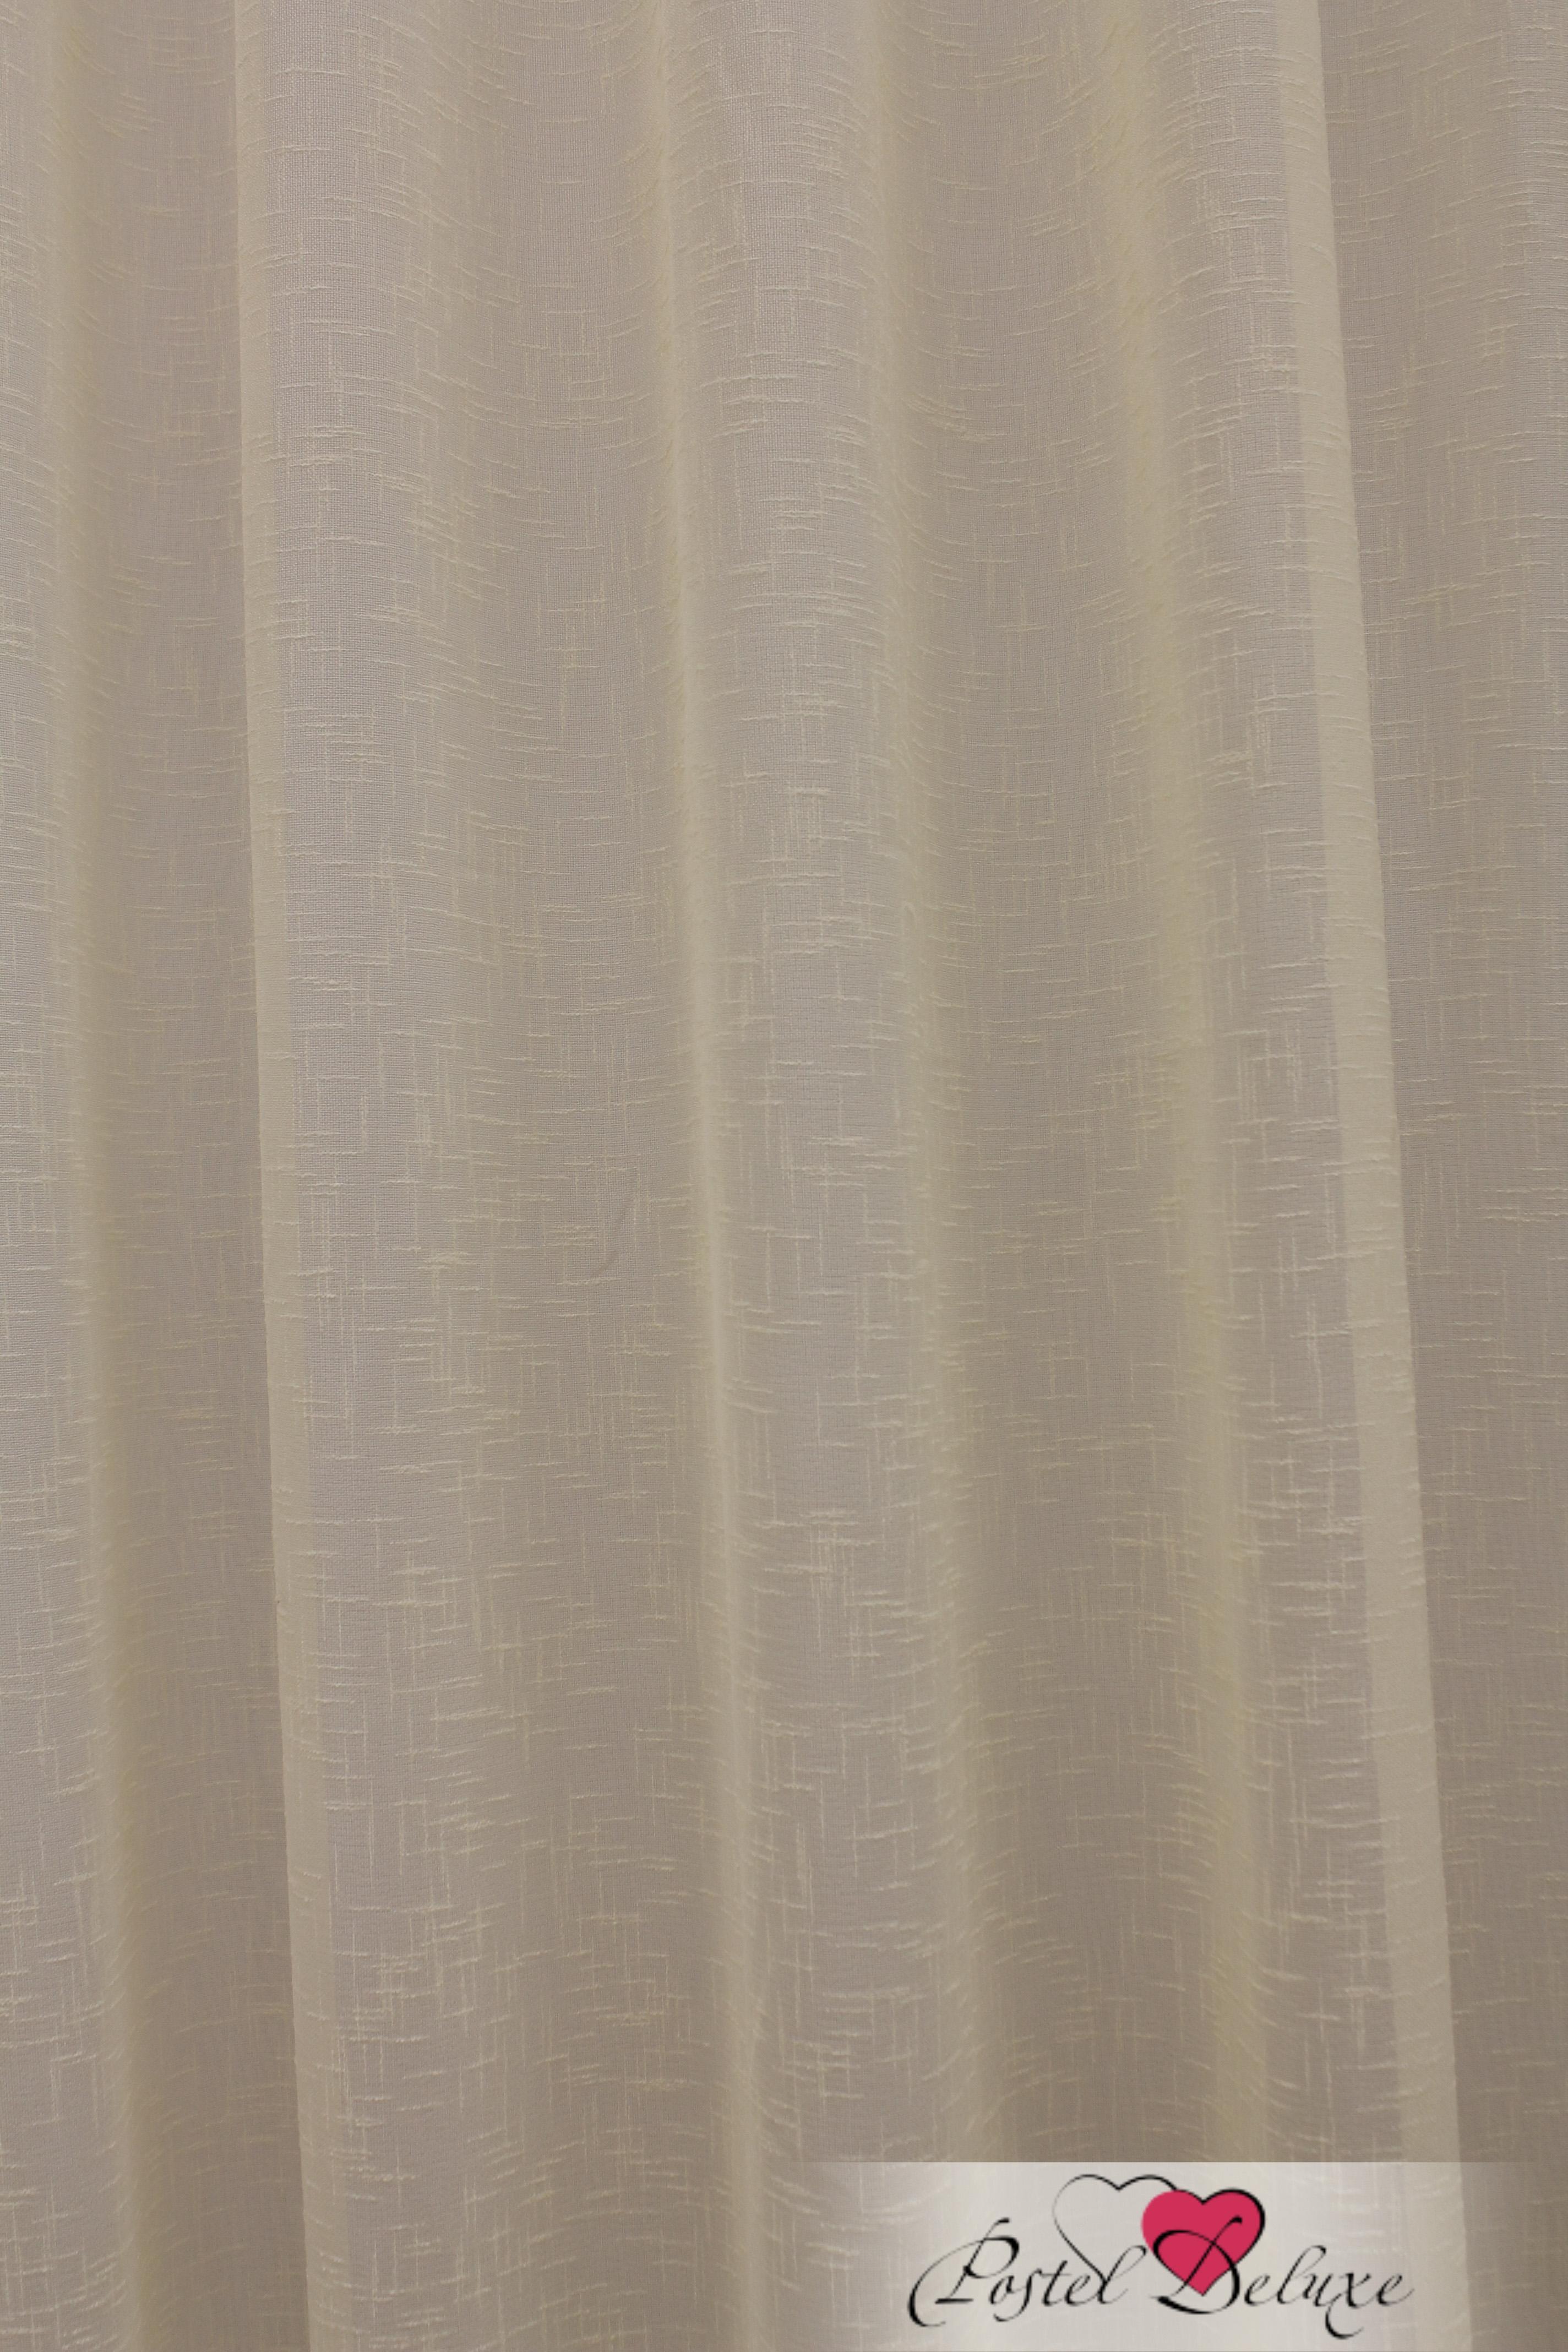 Шторы Sanpa Классические шторы Веста Цвет: Бежевый шторы tac классические шторы winx цвет персиковый 200x265 см